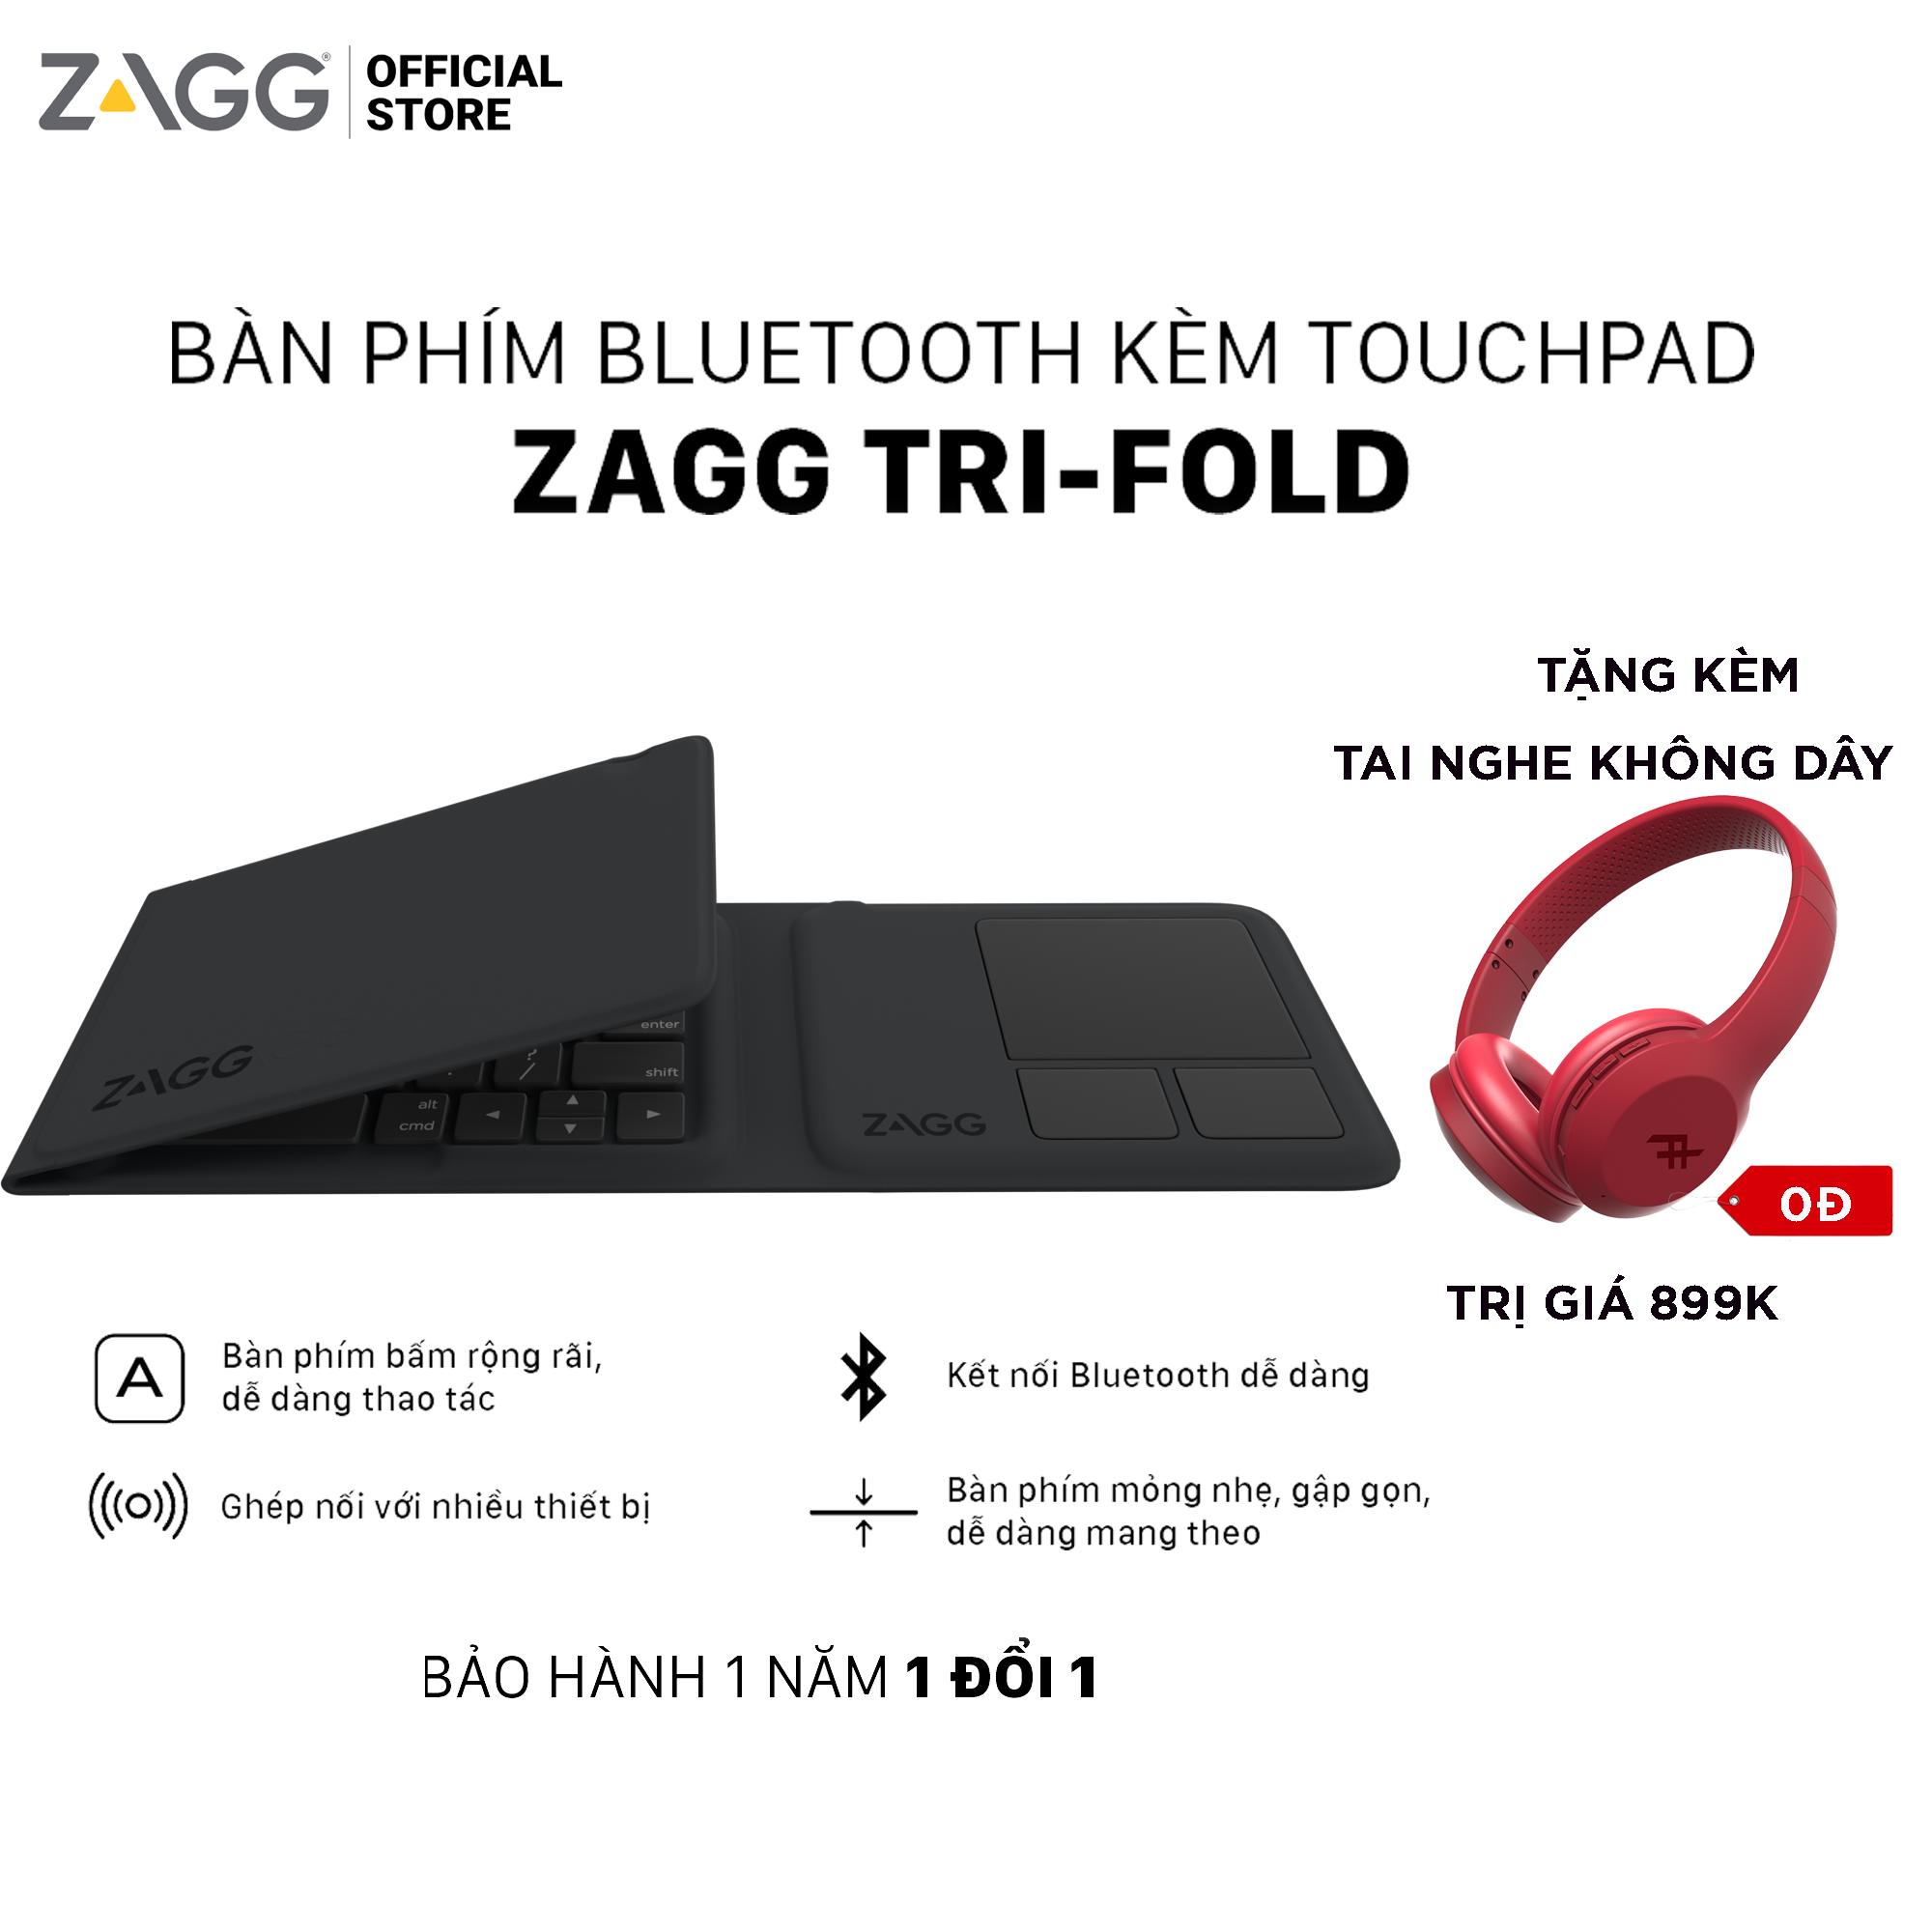 Bàn phím gấp 3 ZAGG Universal Keyboards – Tri Folding 103203612